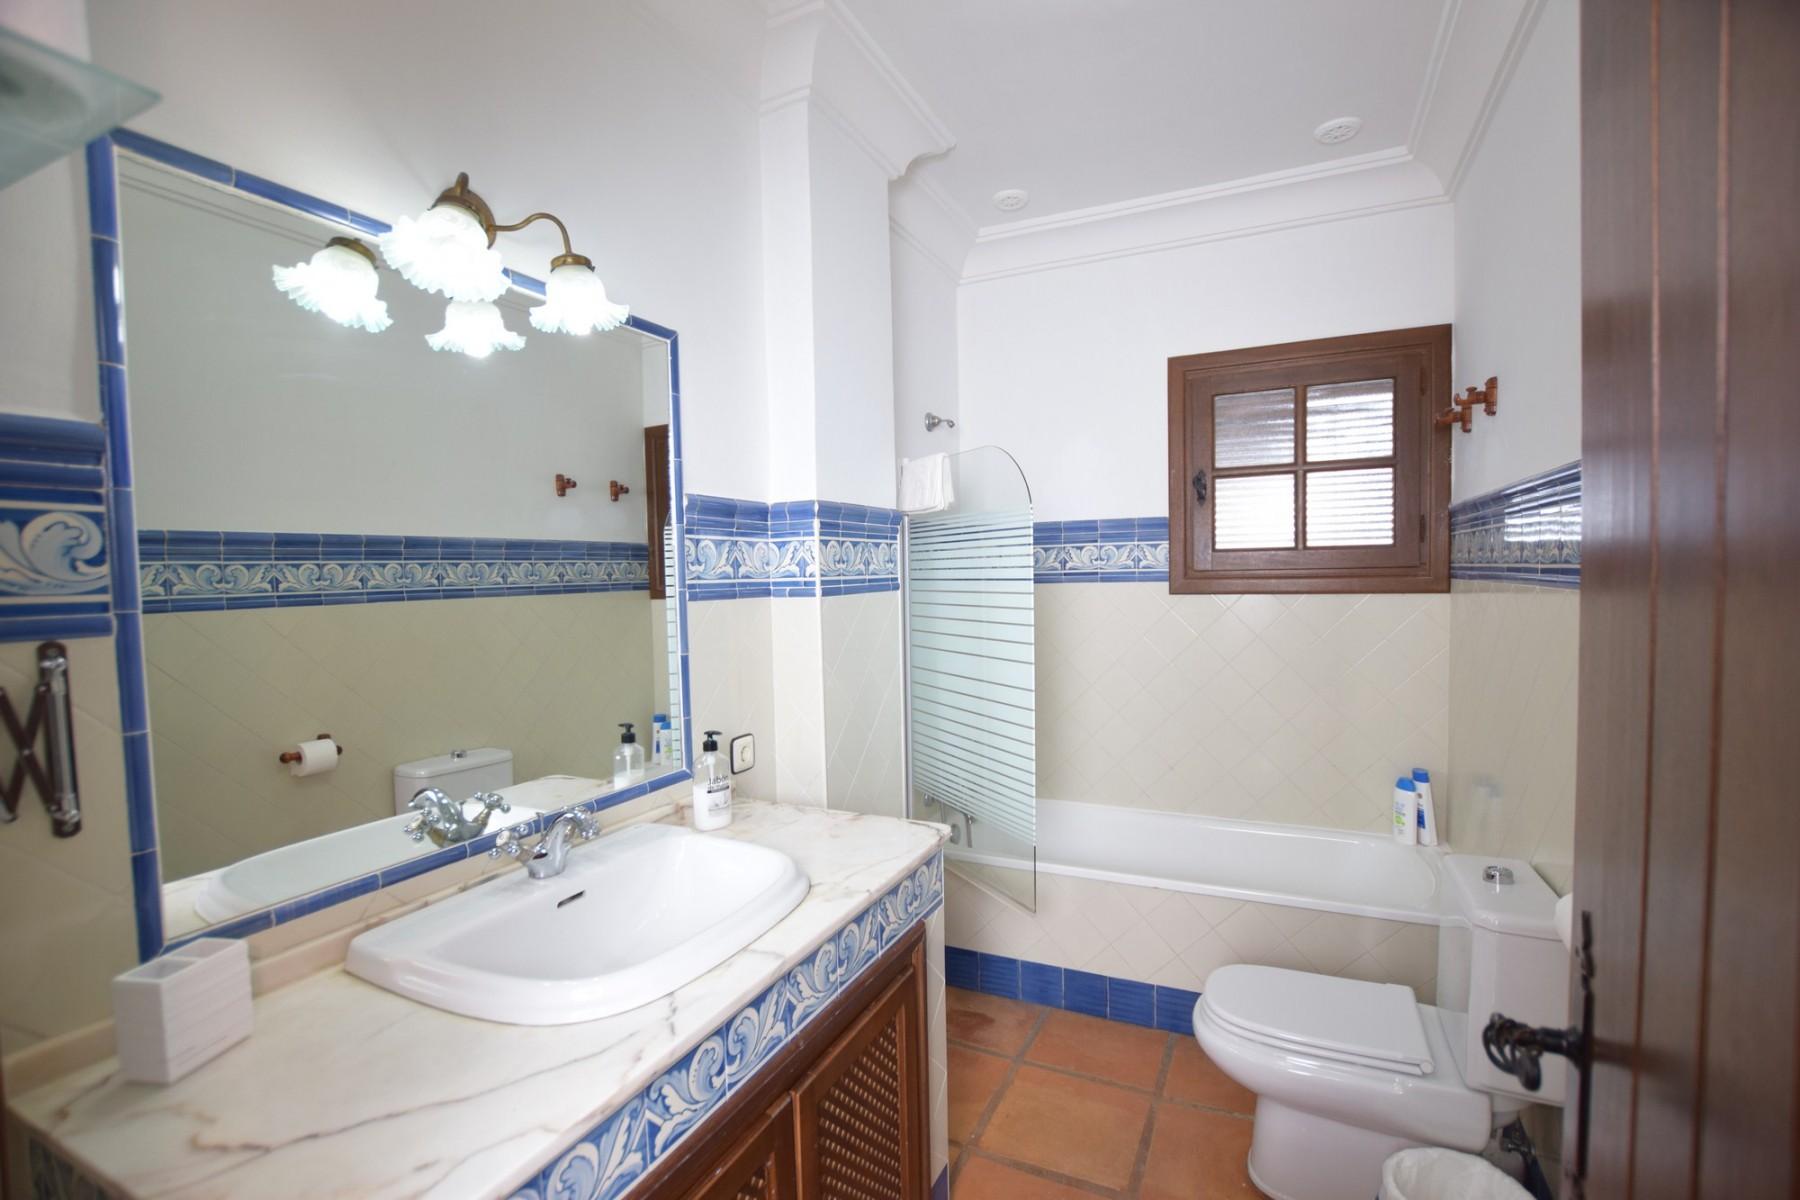 Al Amireh - Baño en suite - dormitorio 4